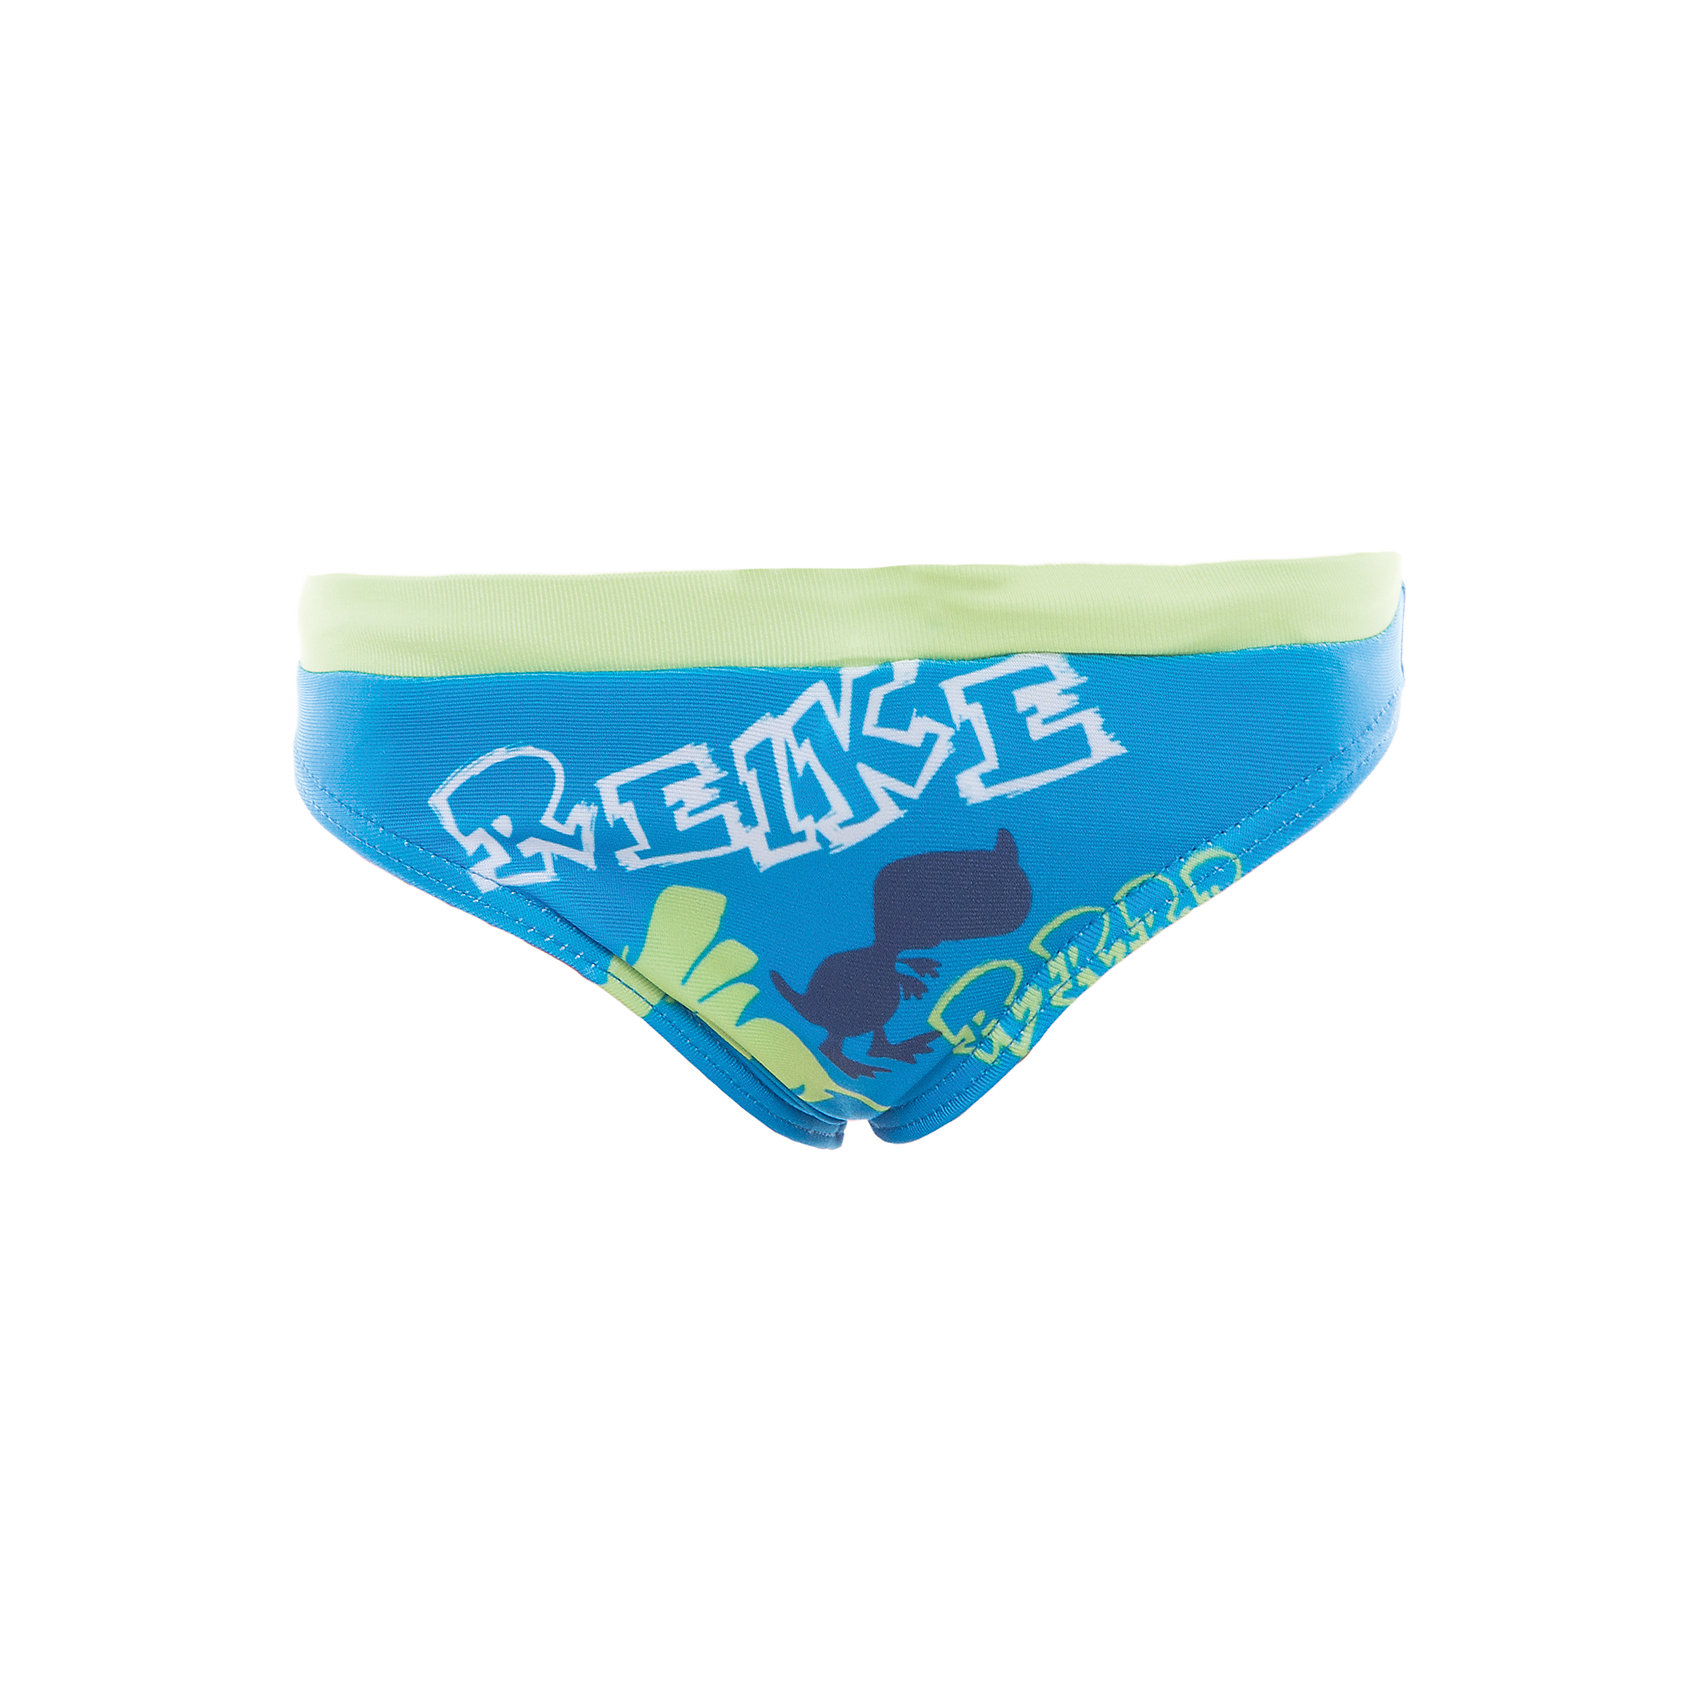 Плавки Reike для мальчикаОдежда<br>Характеристики товара:<br><br>• цвет: голубой<br>• состав: 85% полиэстер, 15% полиуретан<br>• декорированы принтом<br>• эластичный материал<br>• быстро сохнут<br>• мягкая резинка в поясе<br>• страна бренда: Финляндия<br><br>Одежда для пляжного отдыха может быть стильной и удобной! Новая коллекция от известного финского производителя Reike отличается ярким дизайном, продуманностью и комфортом! Эта модель разработана специально для детей - она учитывает особенности их физиологии, а также новые тенденции в европейской моде. Стильная и удобная вещь!<br><br>Плавки для мальчика от популярного бренда Reike можно купить в нашем интернет-магазине.<br><br>Ширина мм: 183<br>Глубина мм: 60<br>Высота мм: 135<br>Вес г: 119<br>Цвет: синий<br>Возраст от месяцев: 18<br>Возраст до месяцев: 24<br>Пол: Мужской<br>Возраст: Детский<br>Размер: 92,104,98<br>SKU: 5430356